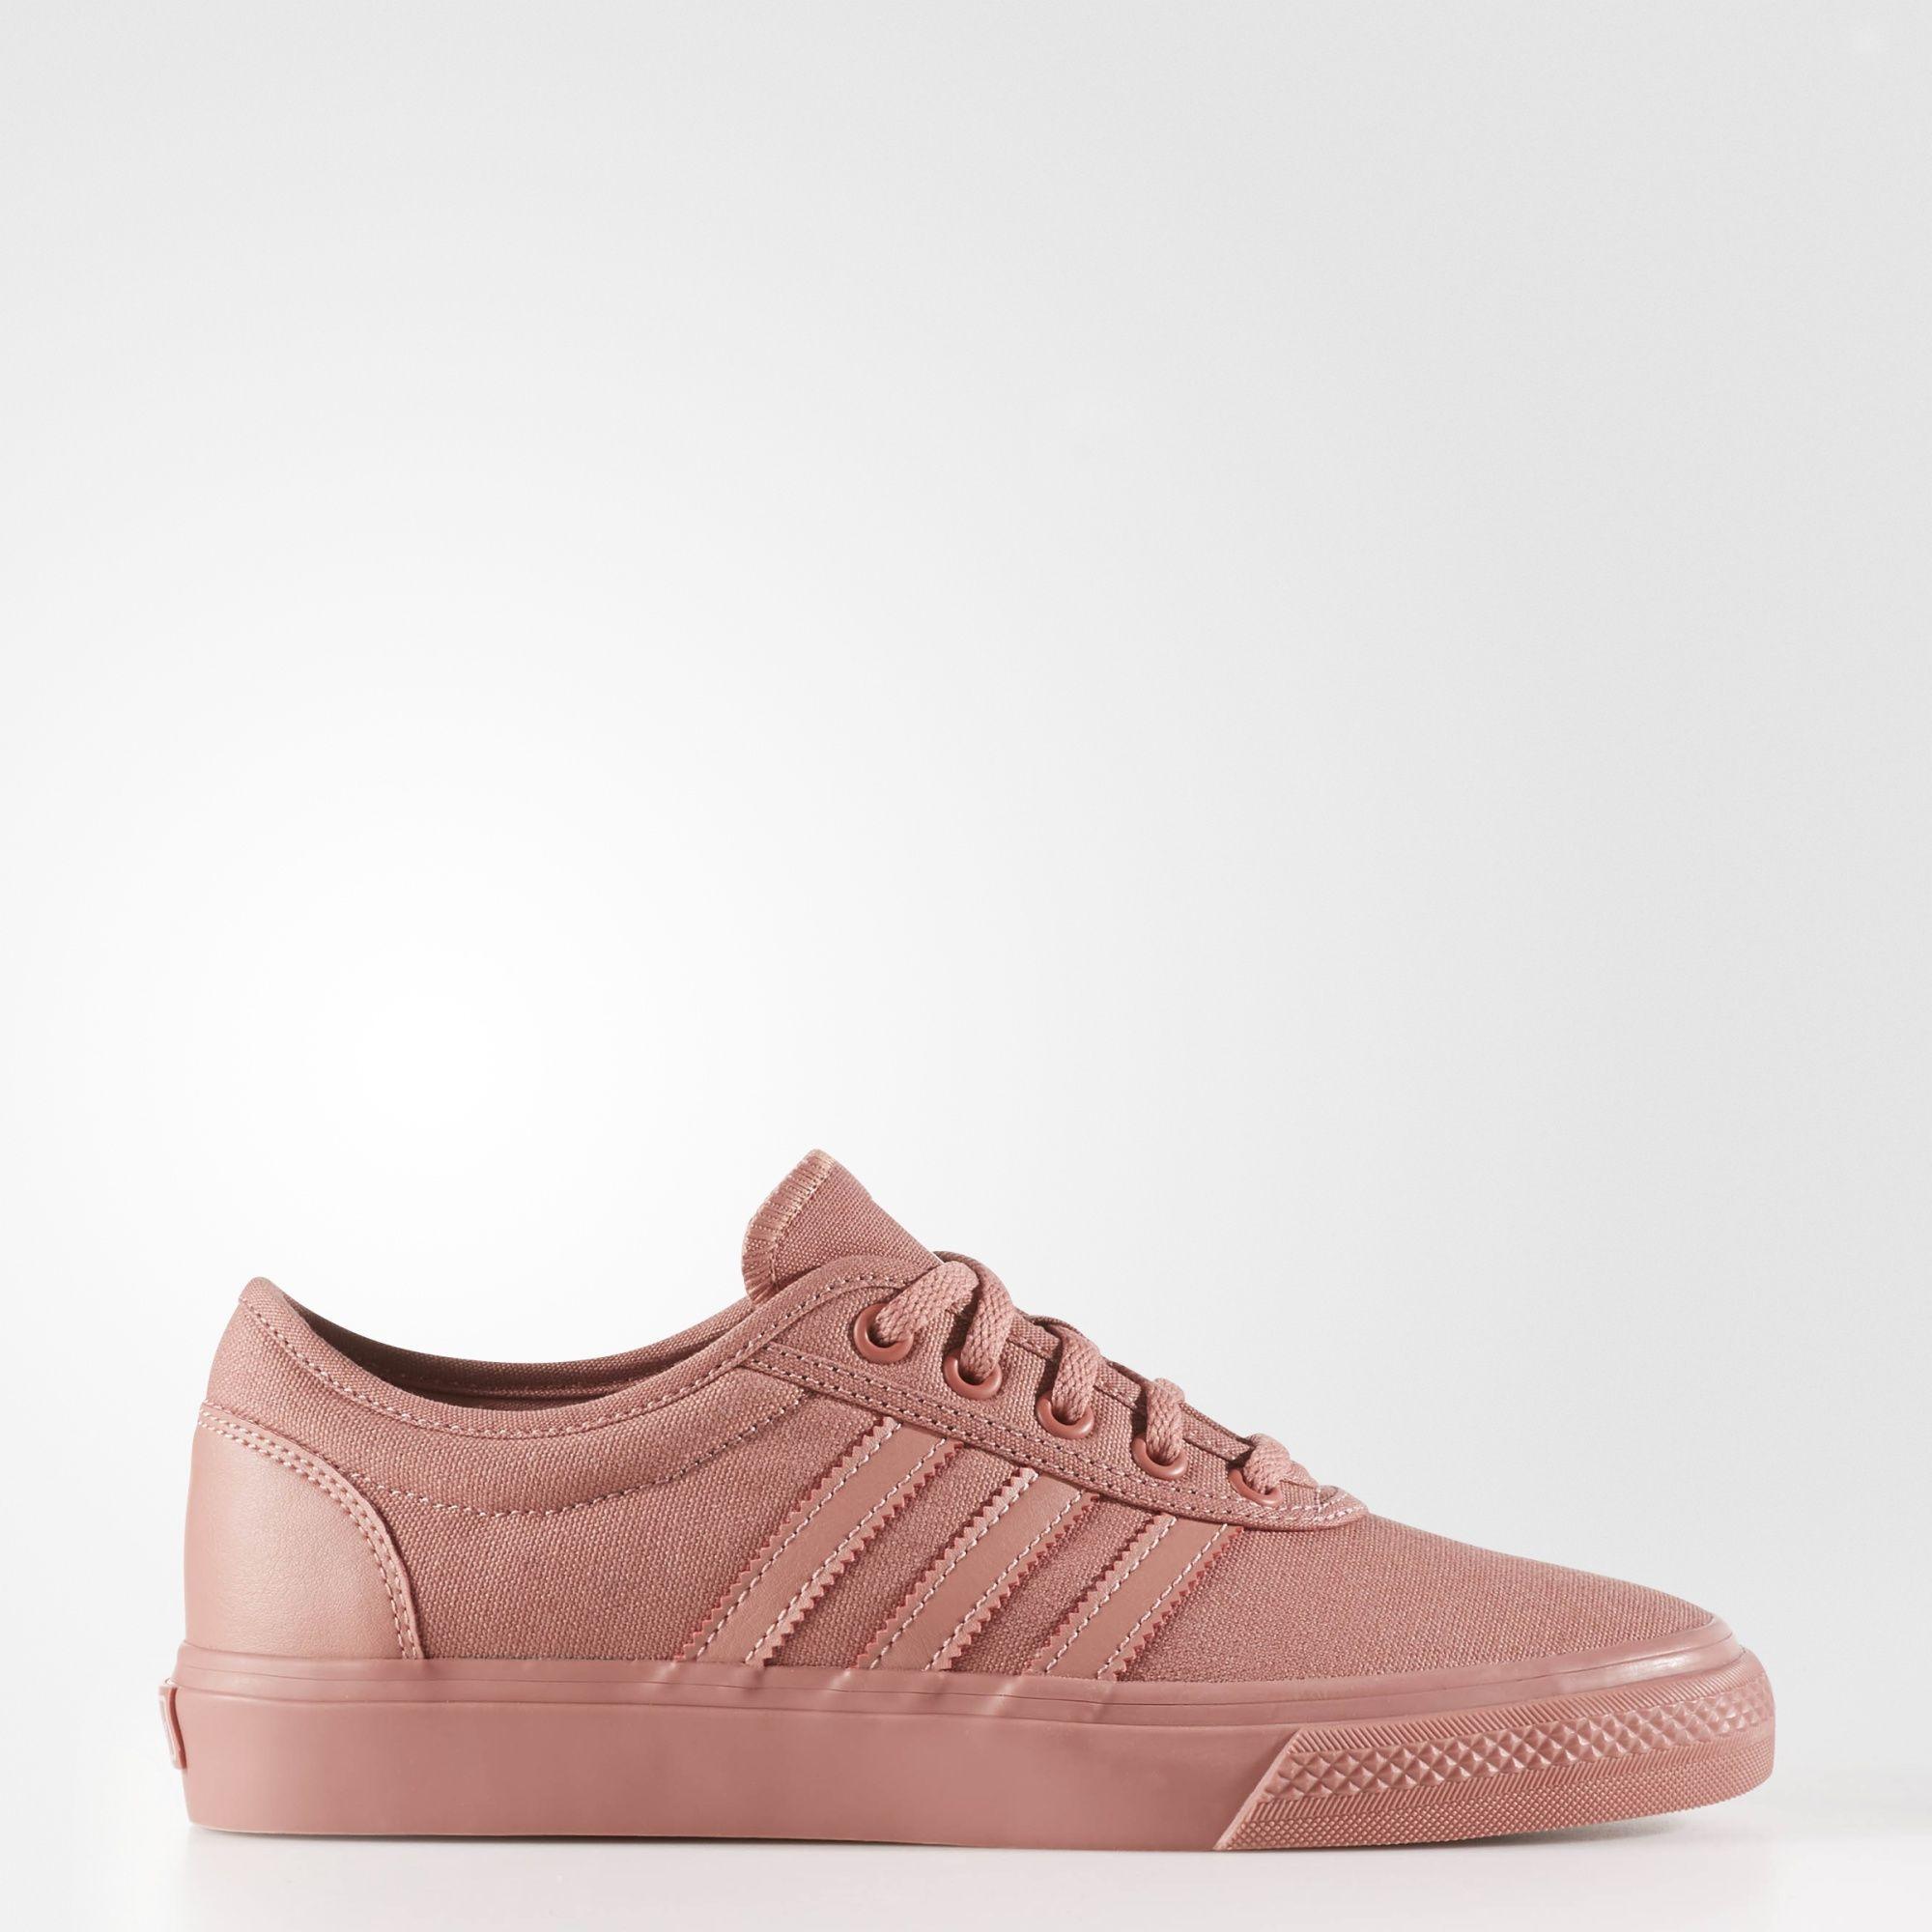 zapatillas lona adidas mujer